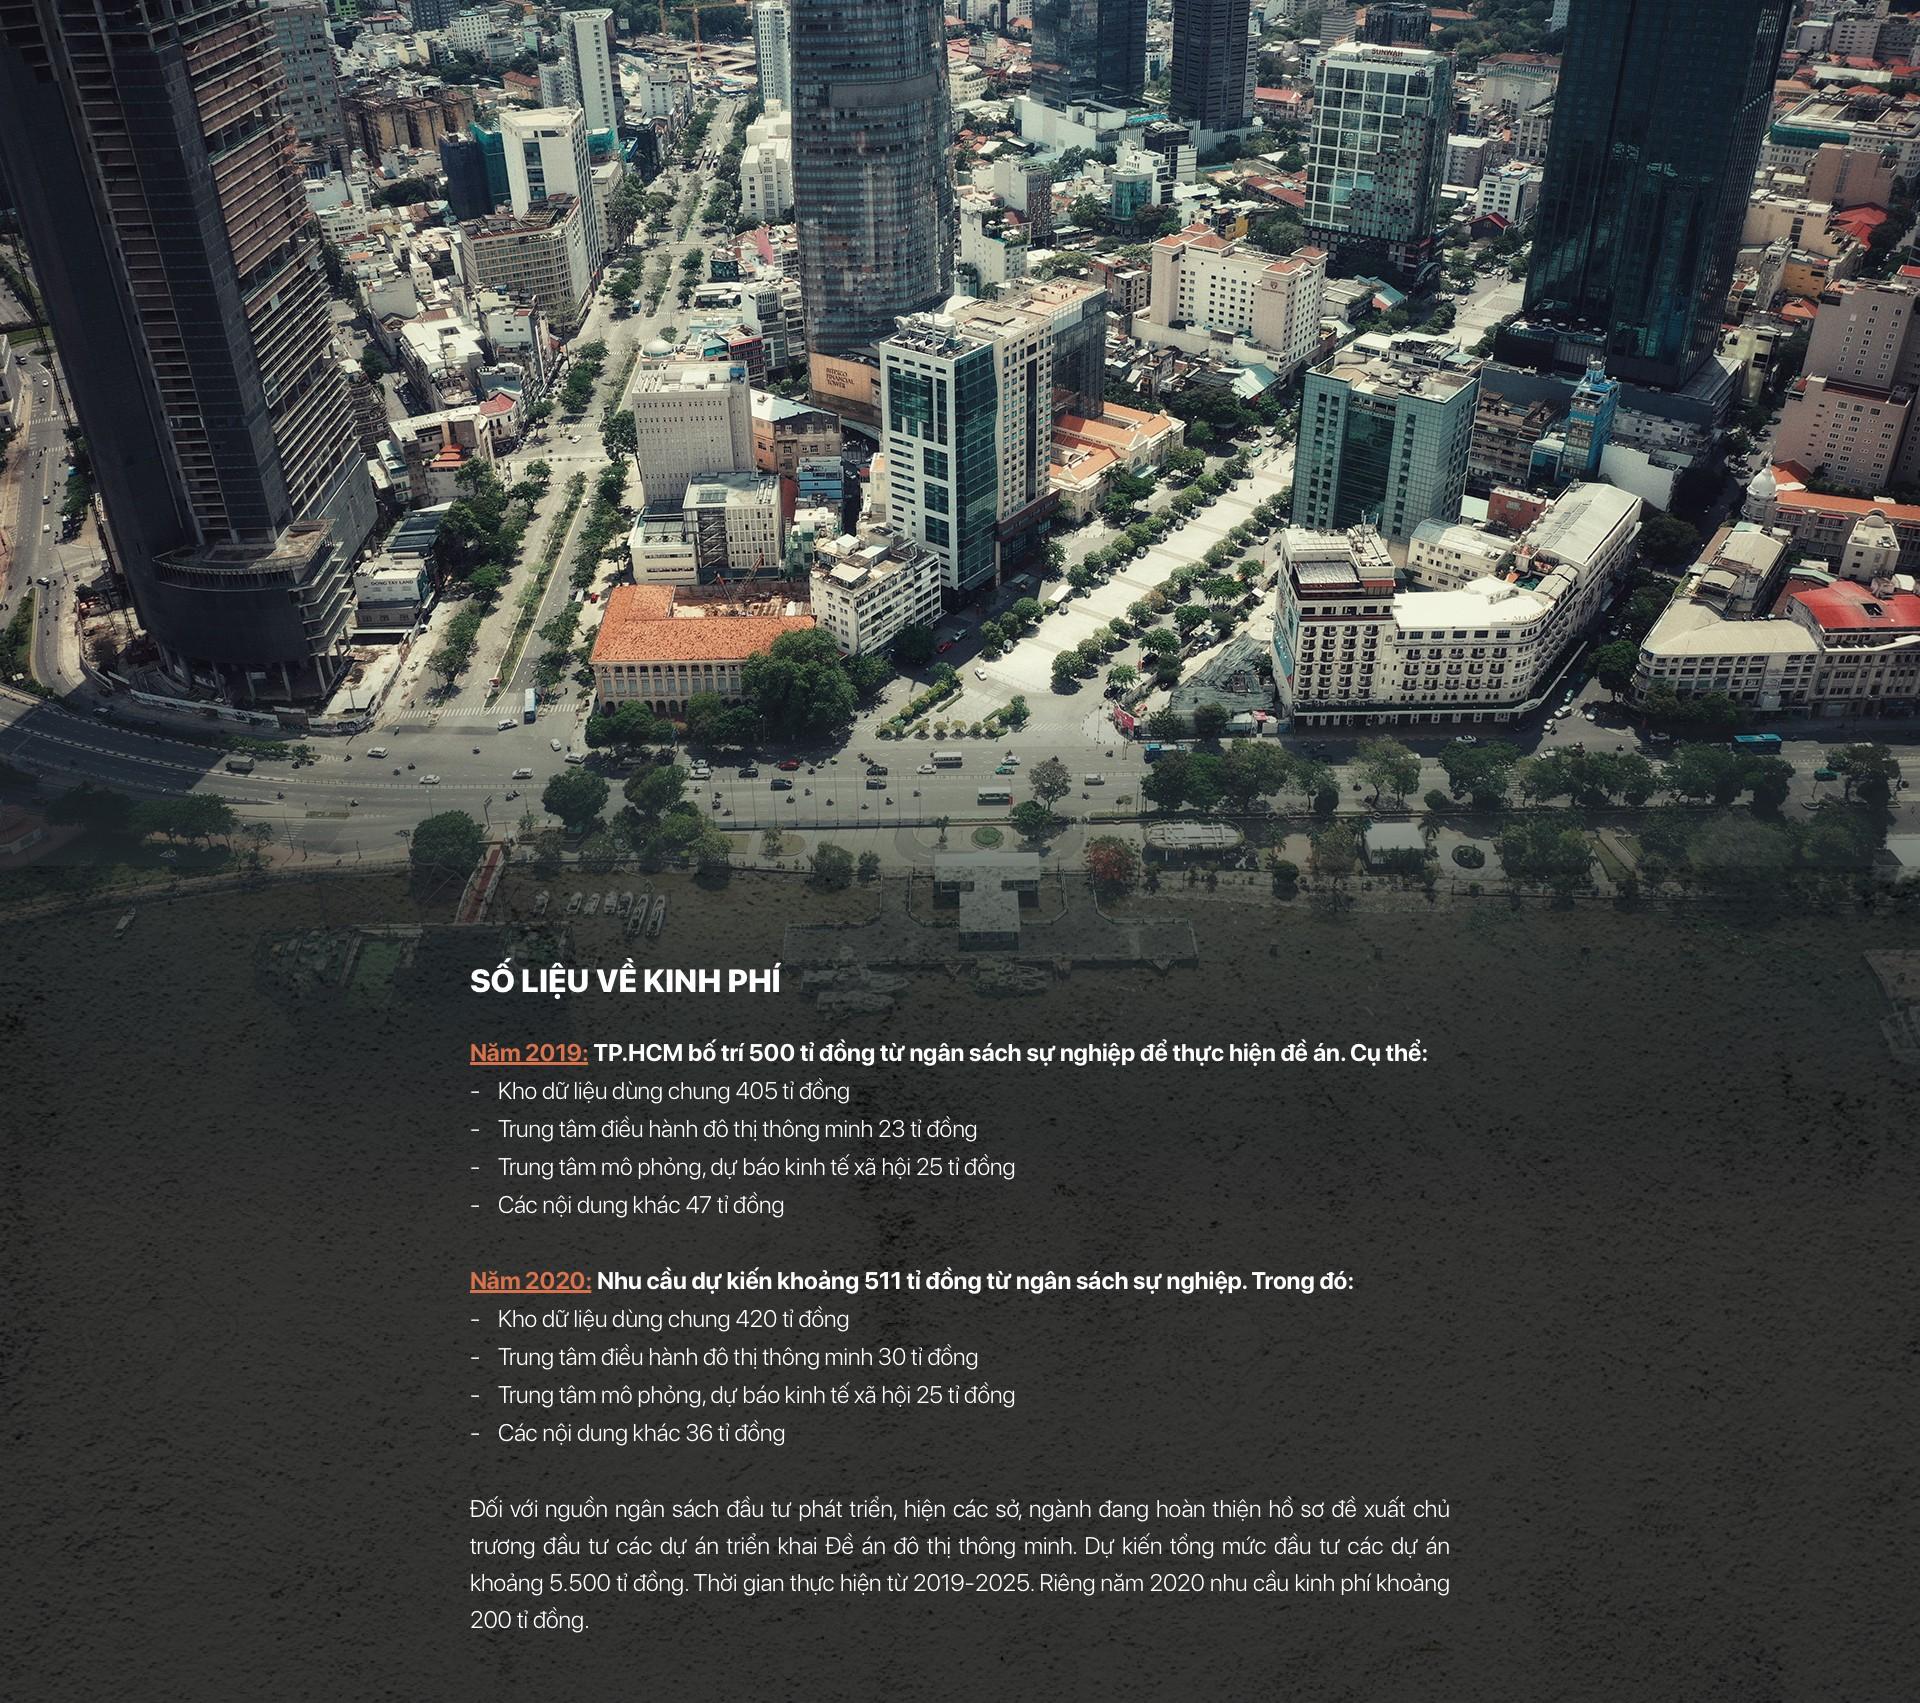 Hành trình vươn đến đô thị thông minh - Ảnh 33.